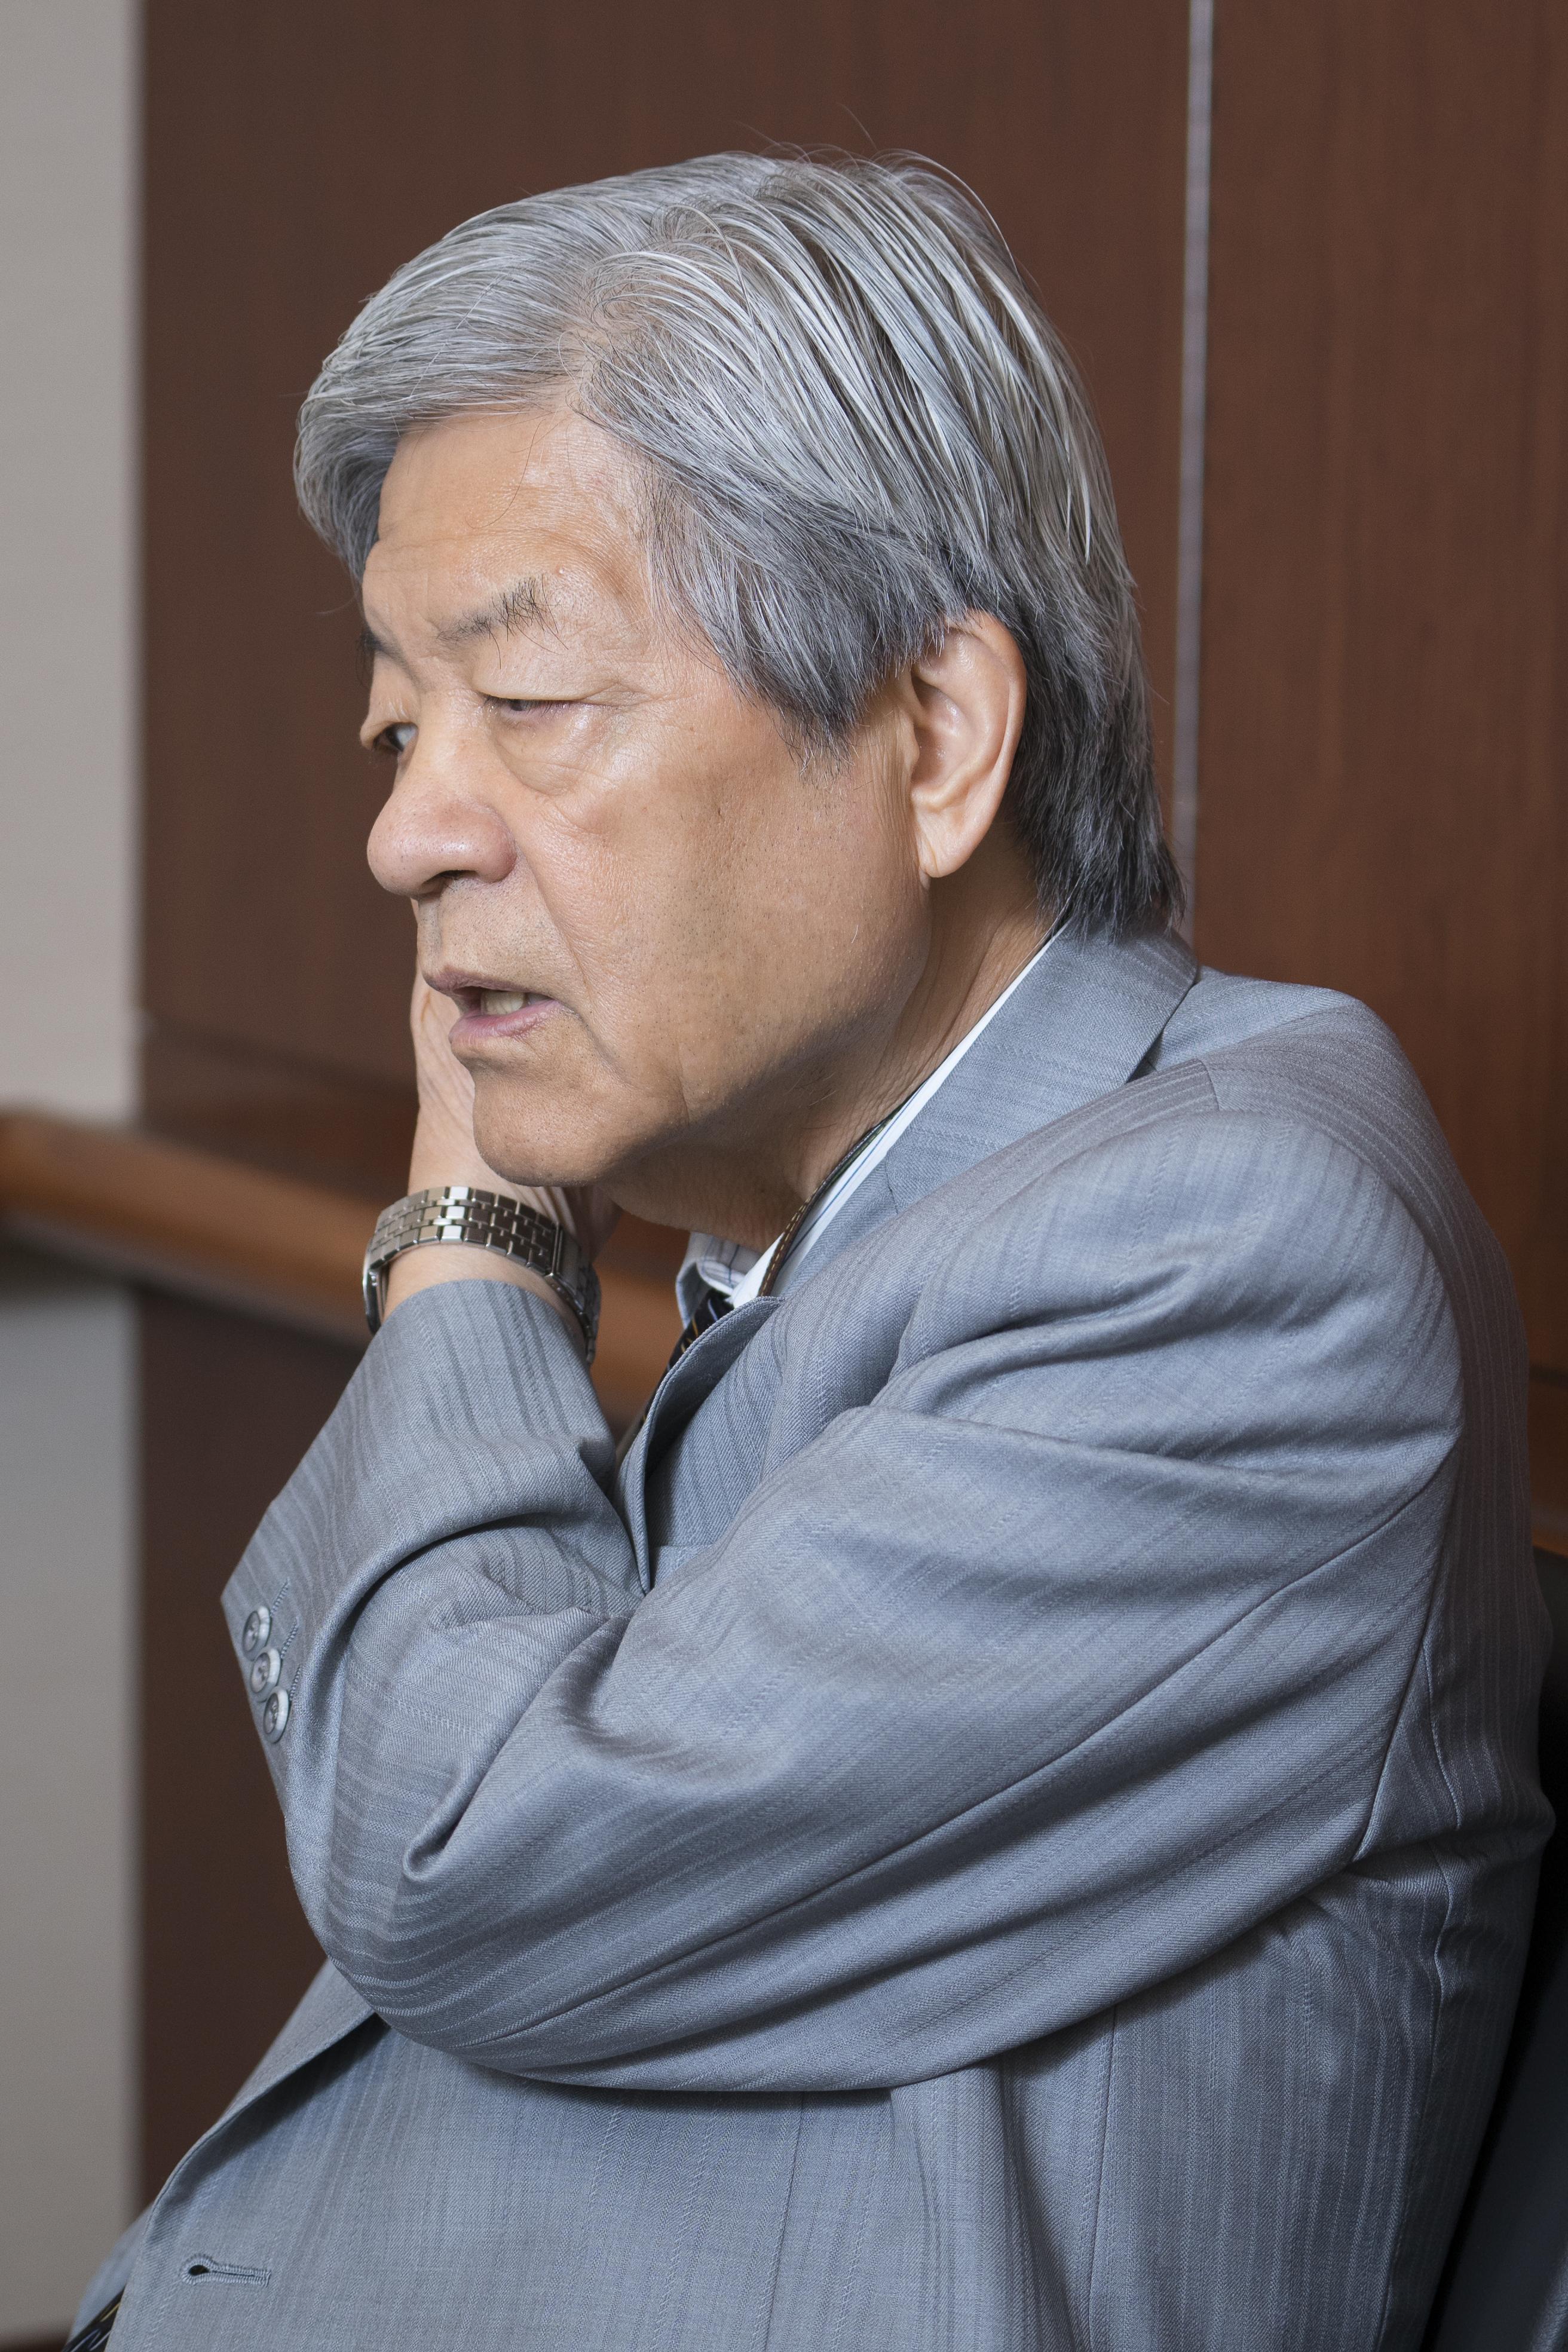 田原総一朗 「野党に対案がないということを若い世代は敏感に感じ取っている」